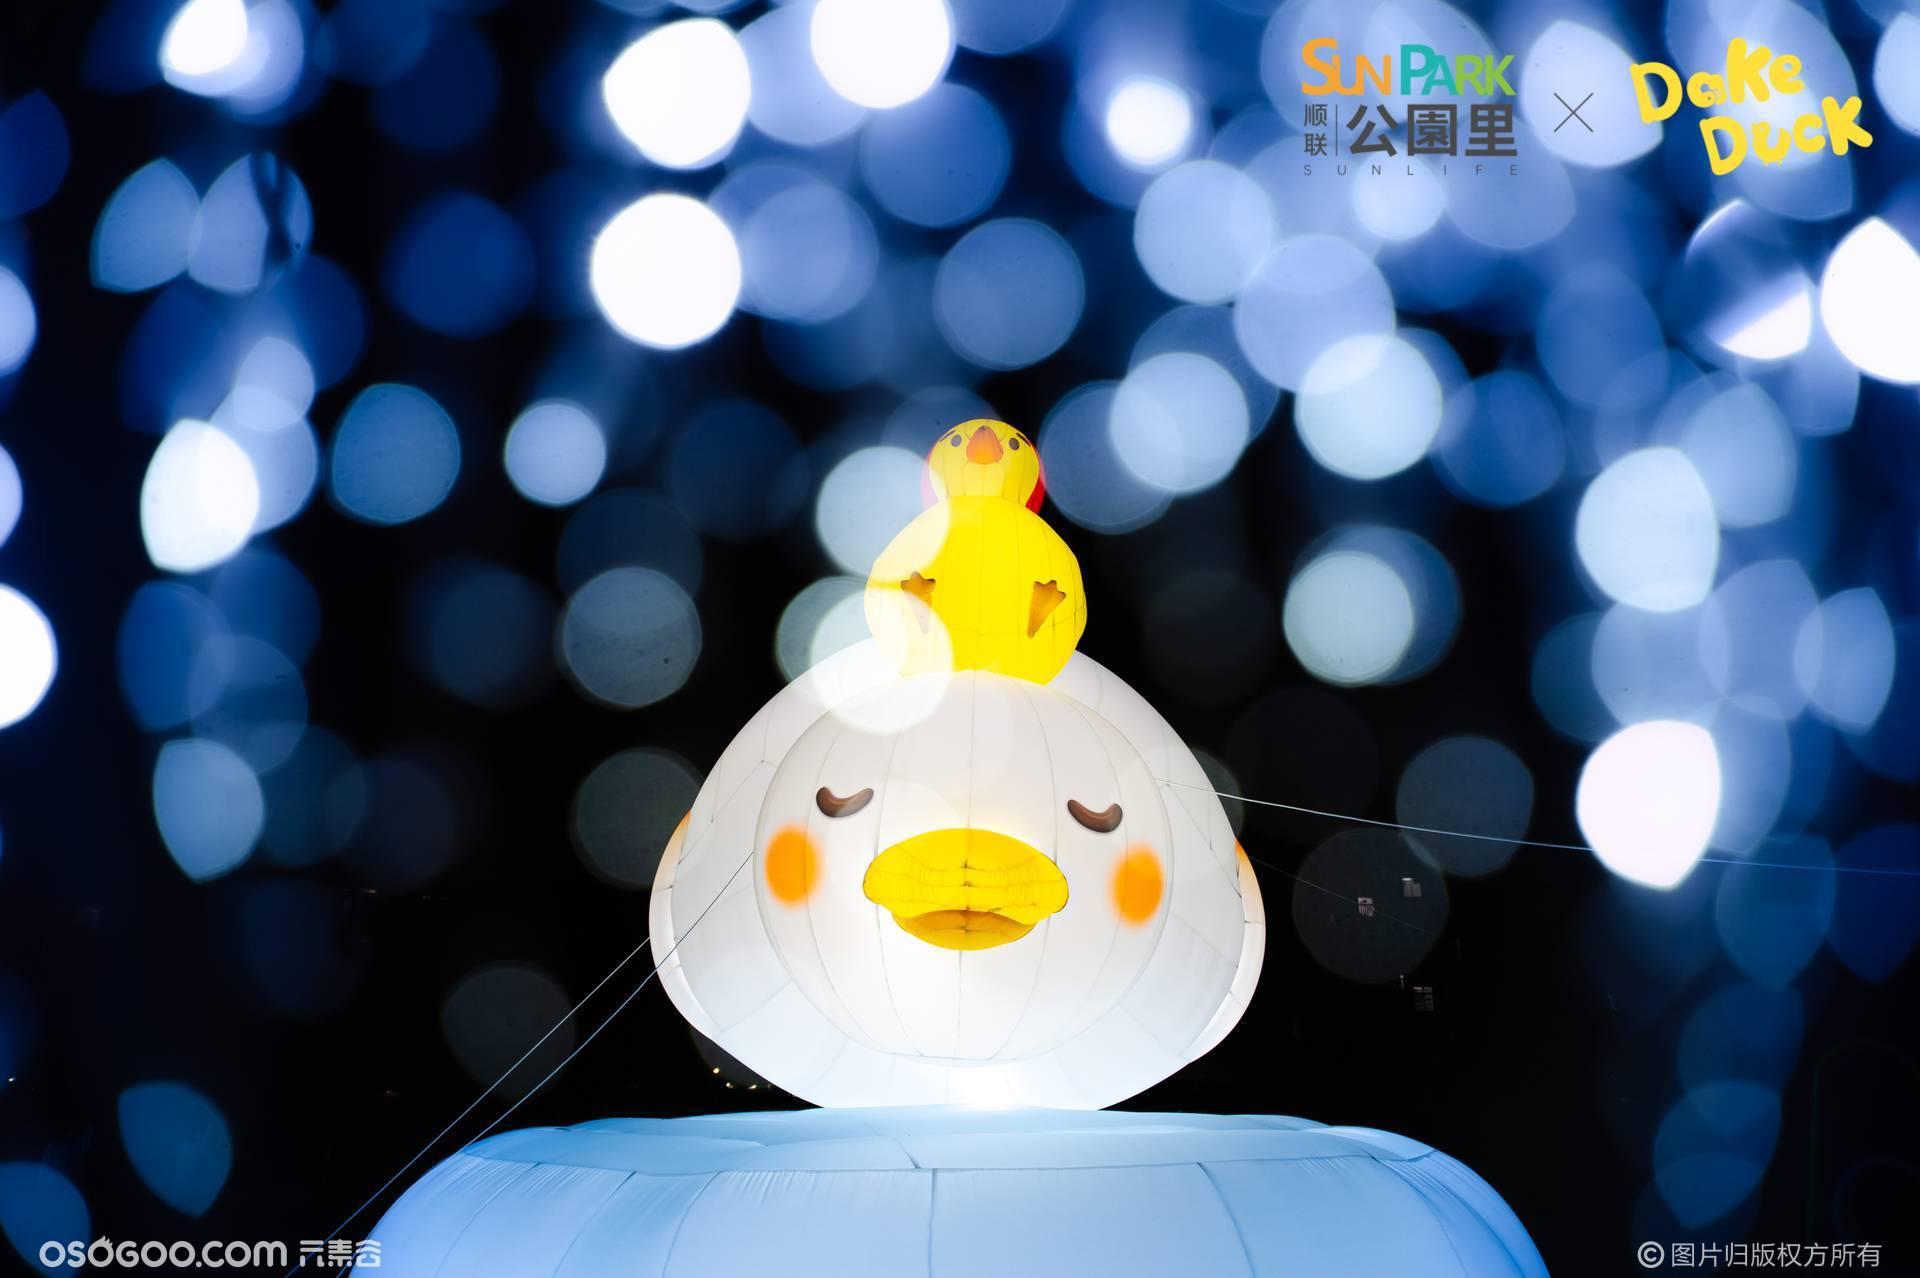 大明气模——顺联公园里dake duck 首展